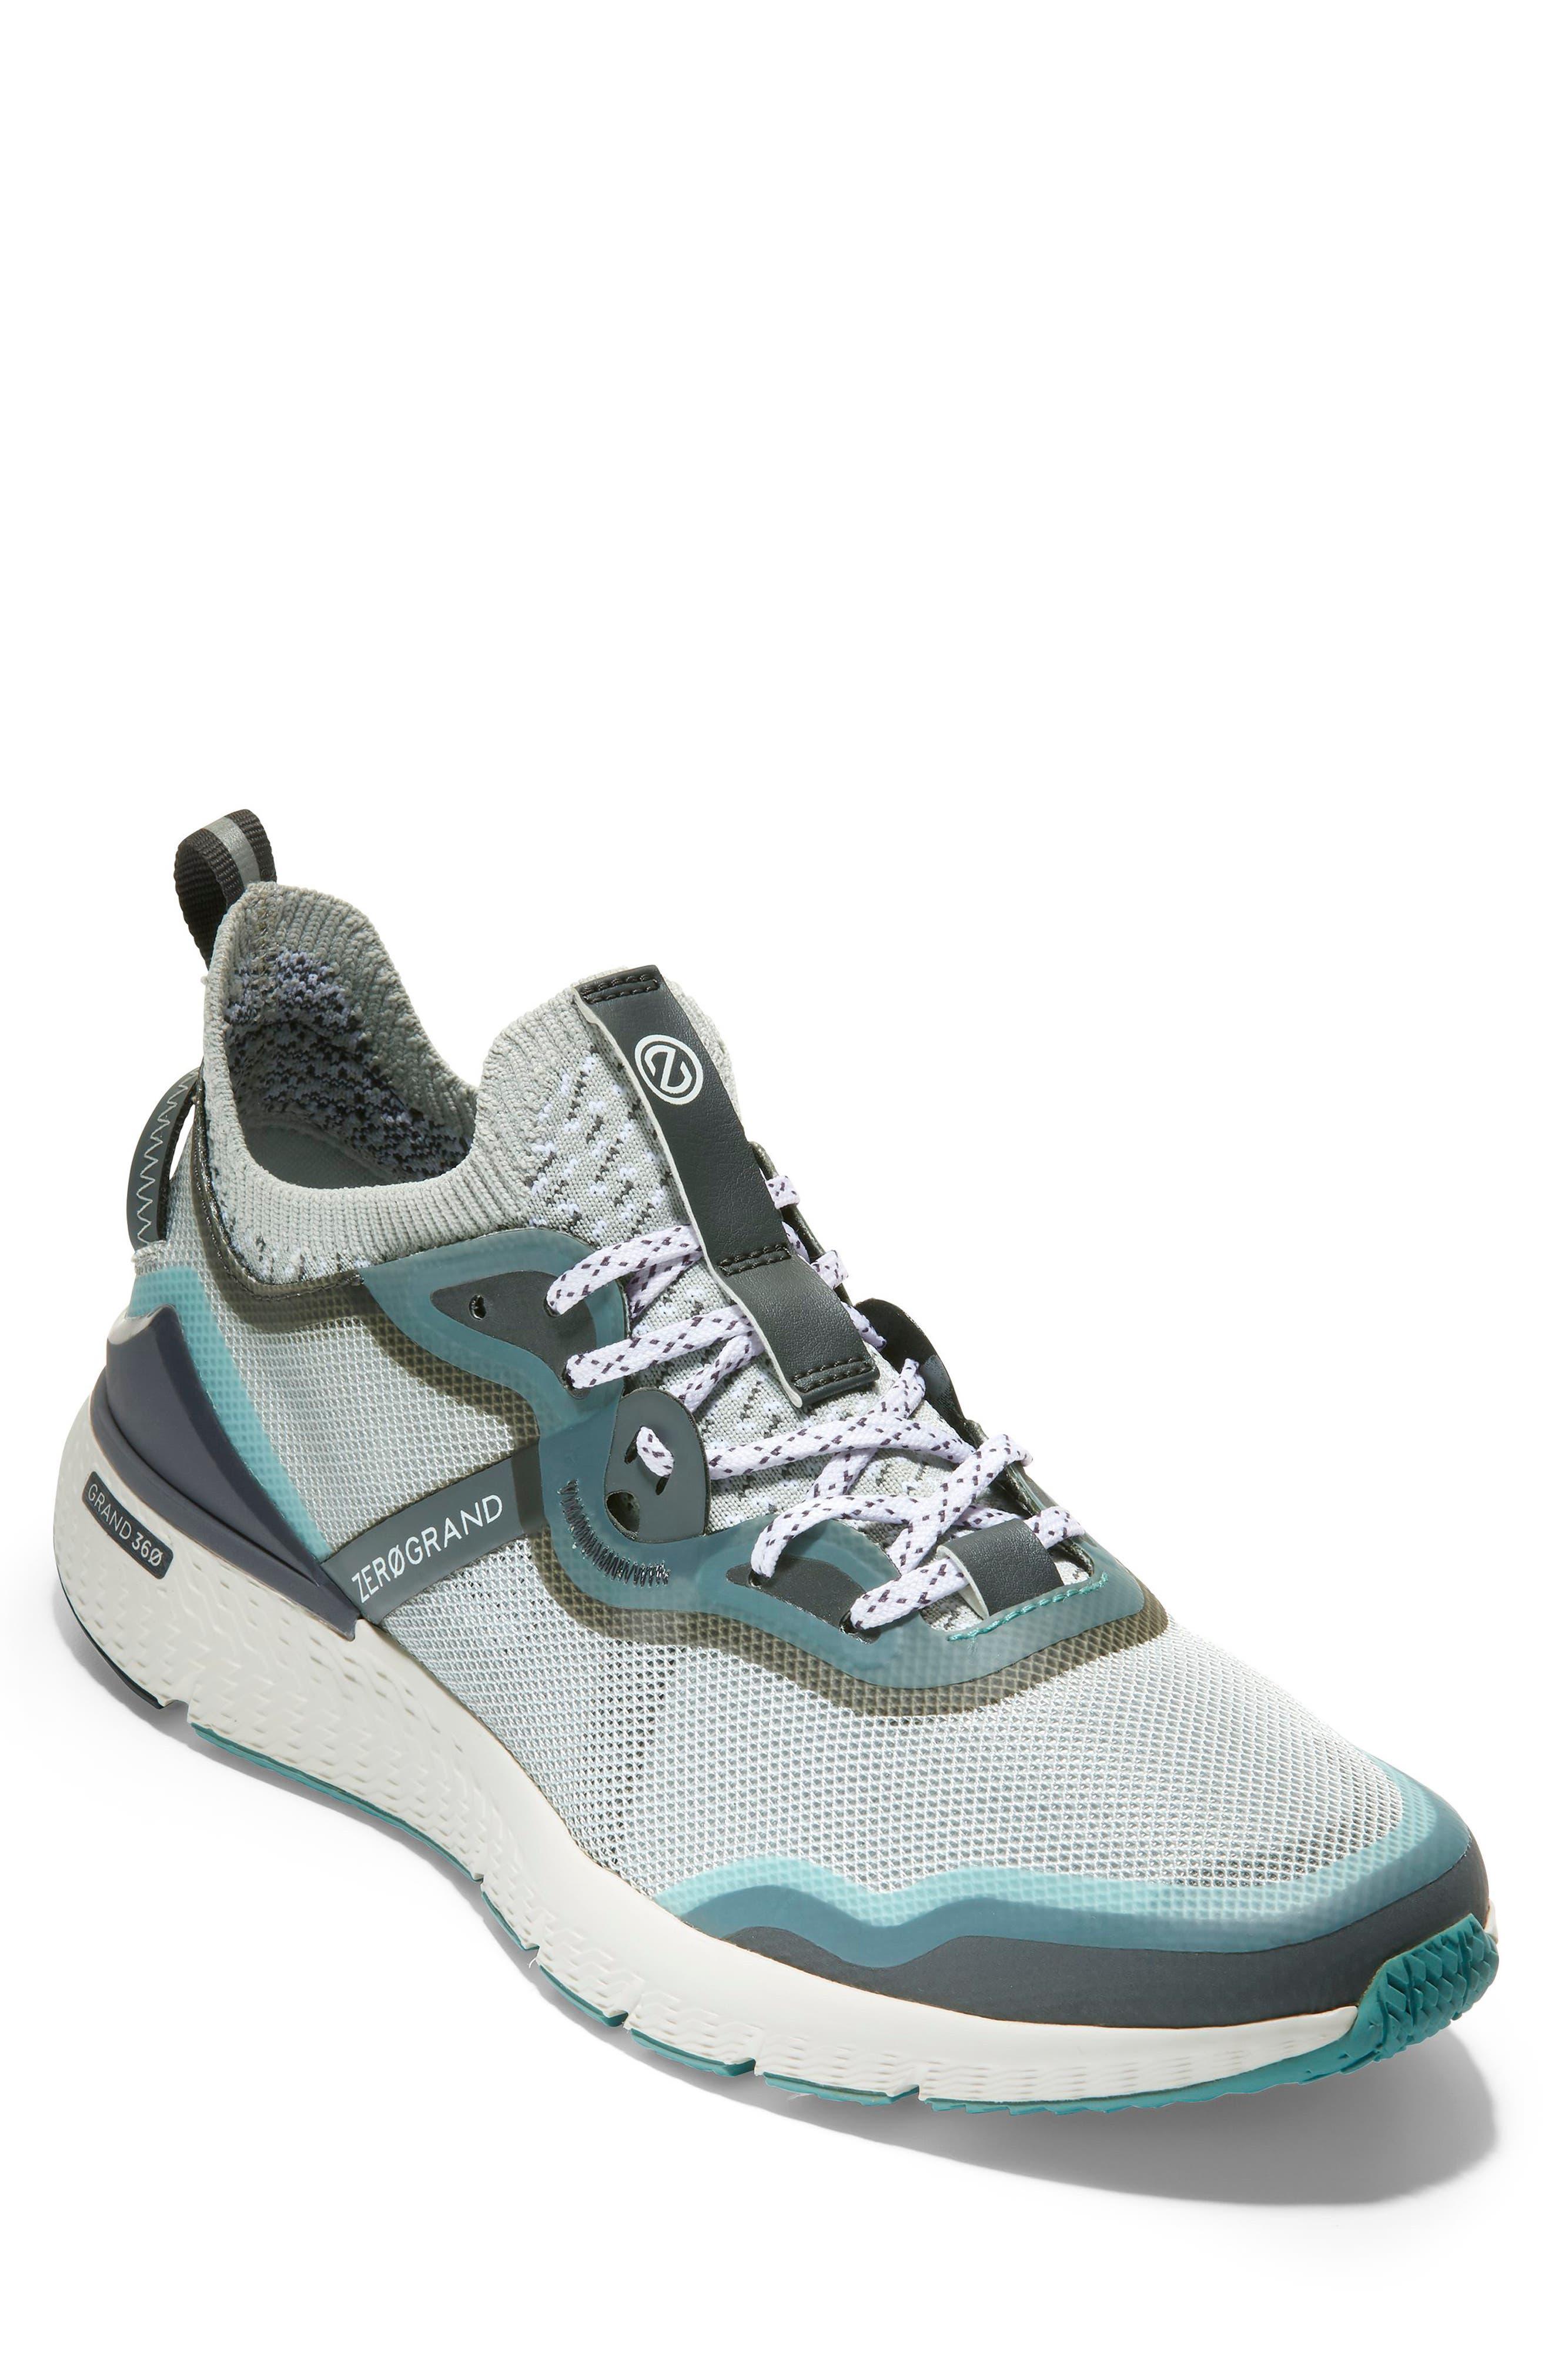 Zerogrand Overtake Running Shoe